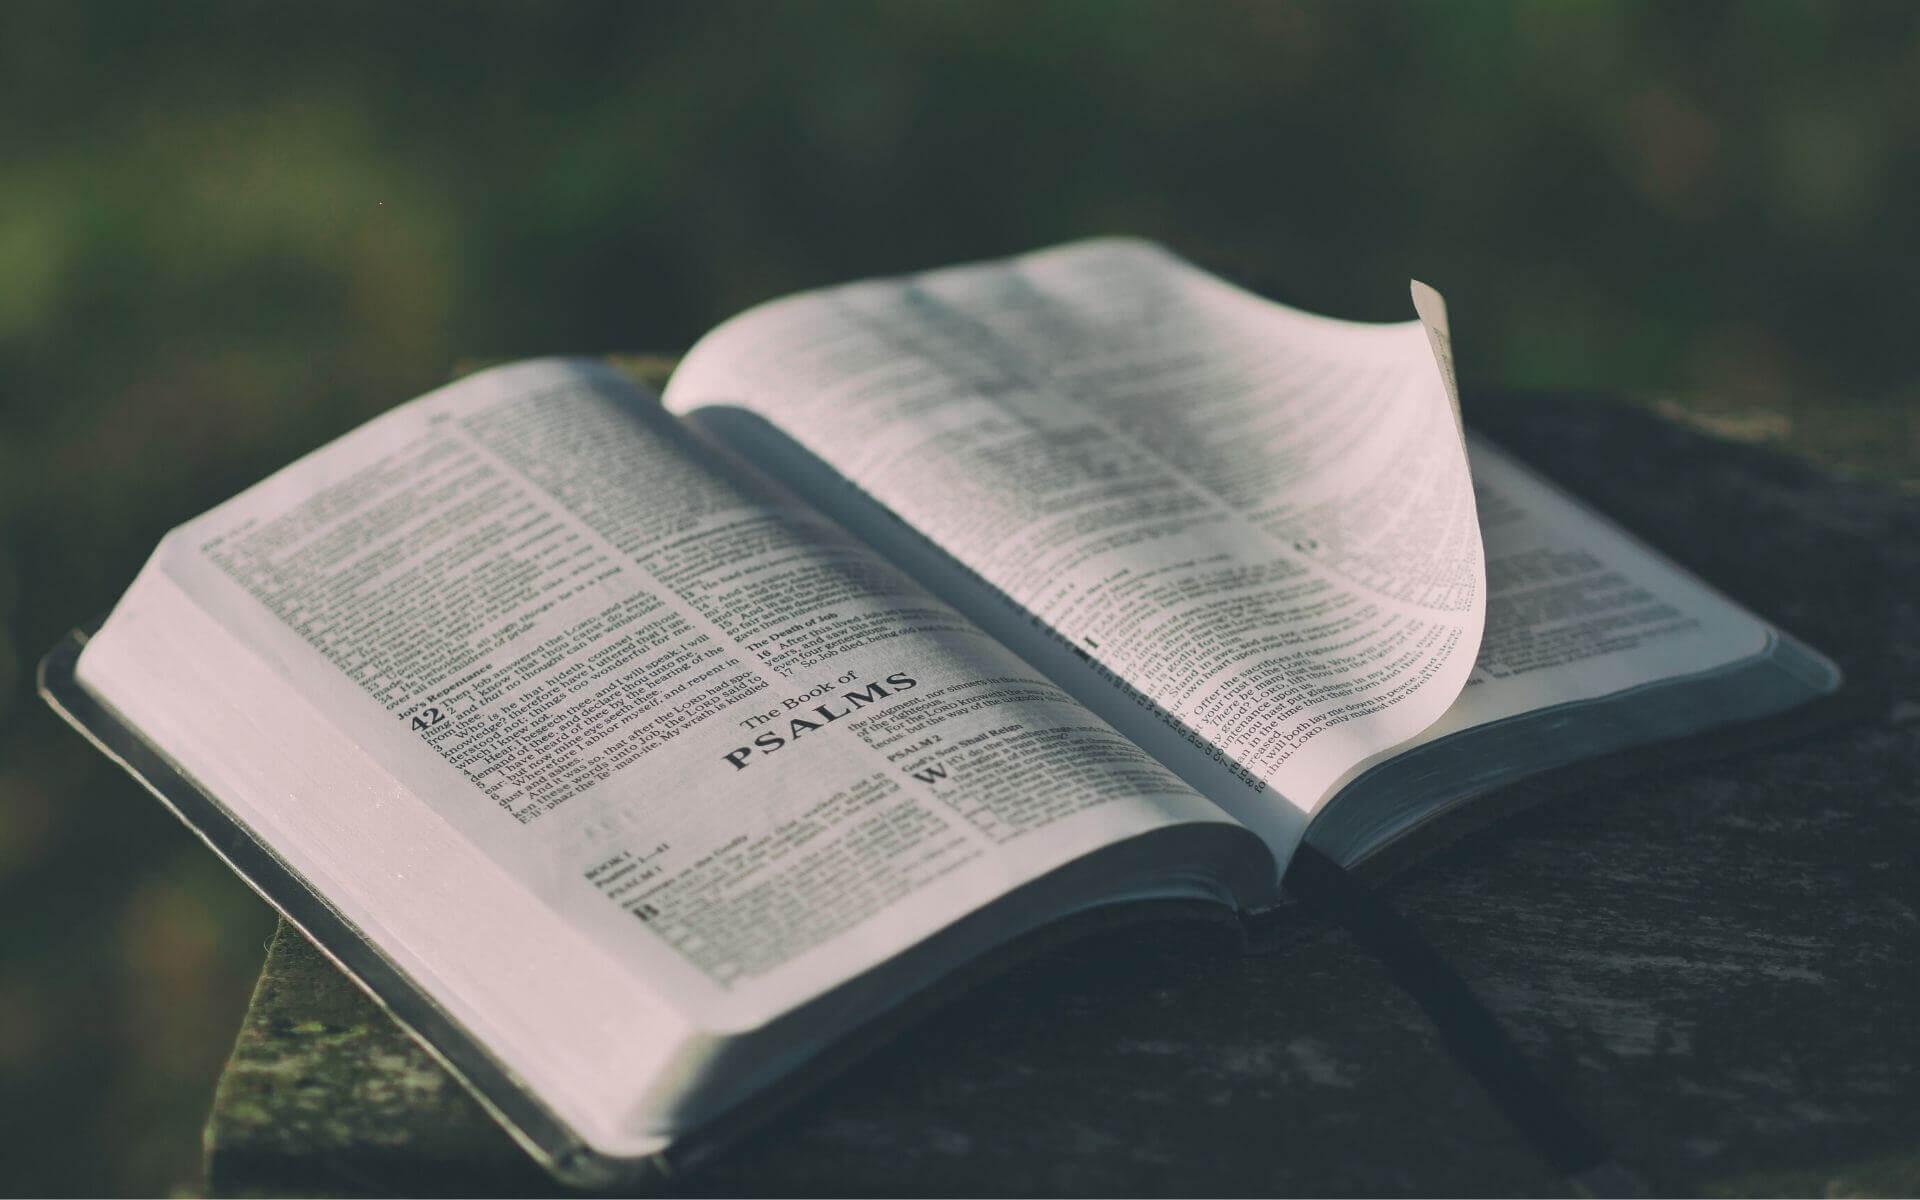 24 weise Sprüche und Zitate, die deinen Horizont erweitern werden!